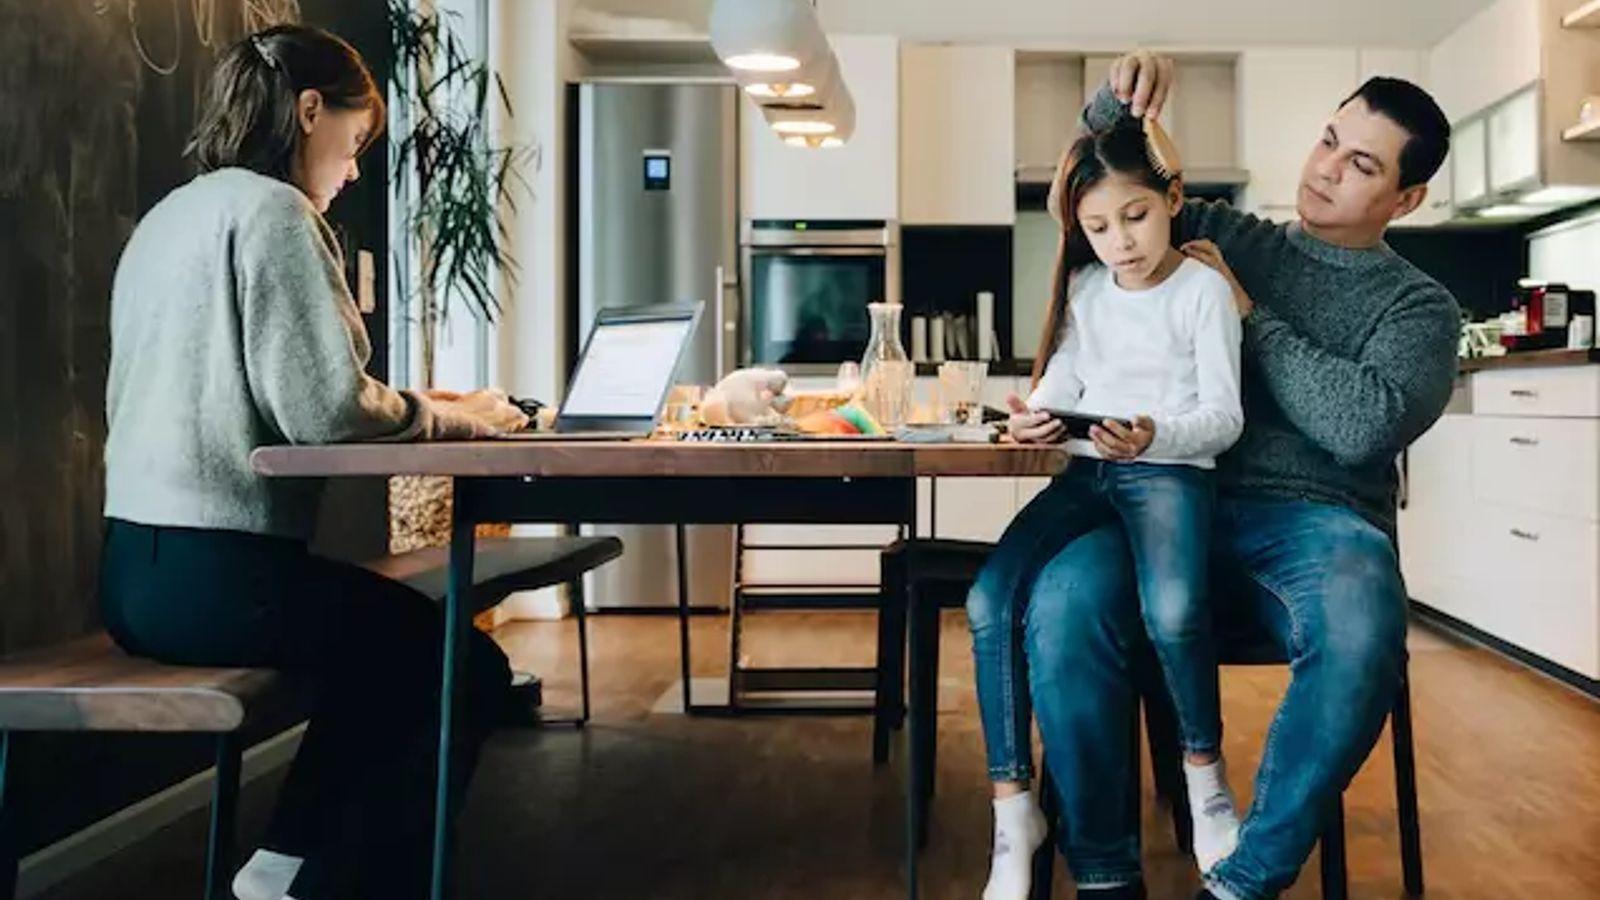 Imagen de una madre trabajando mientras el padre peina a su hija